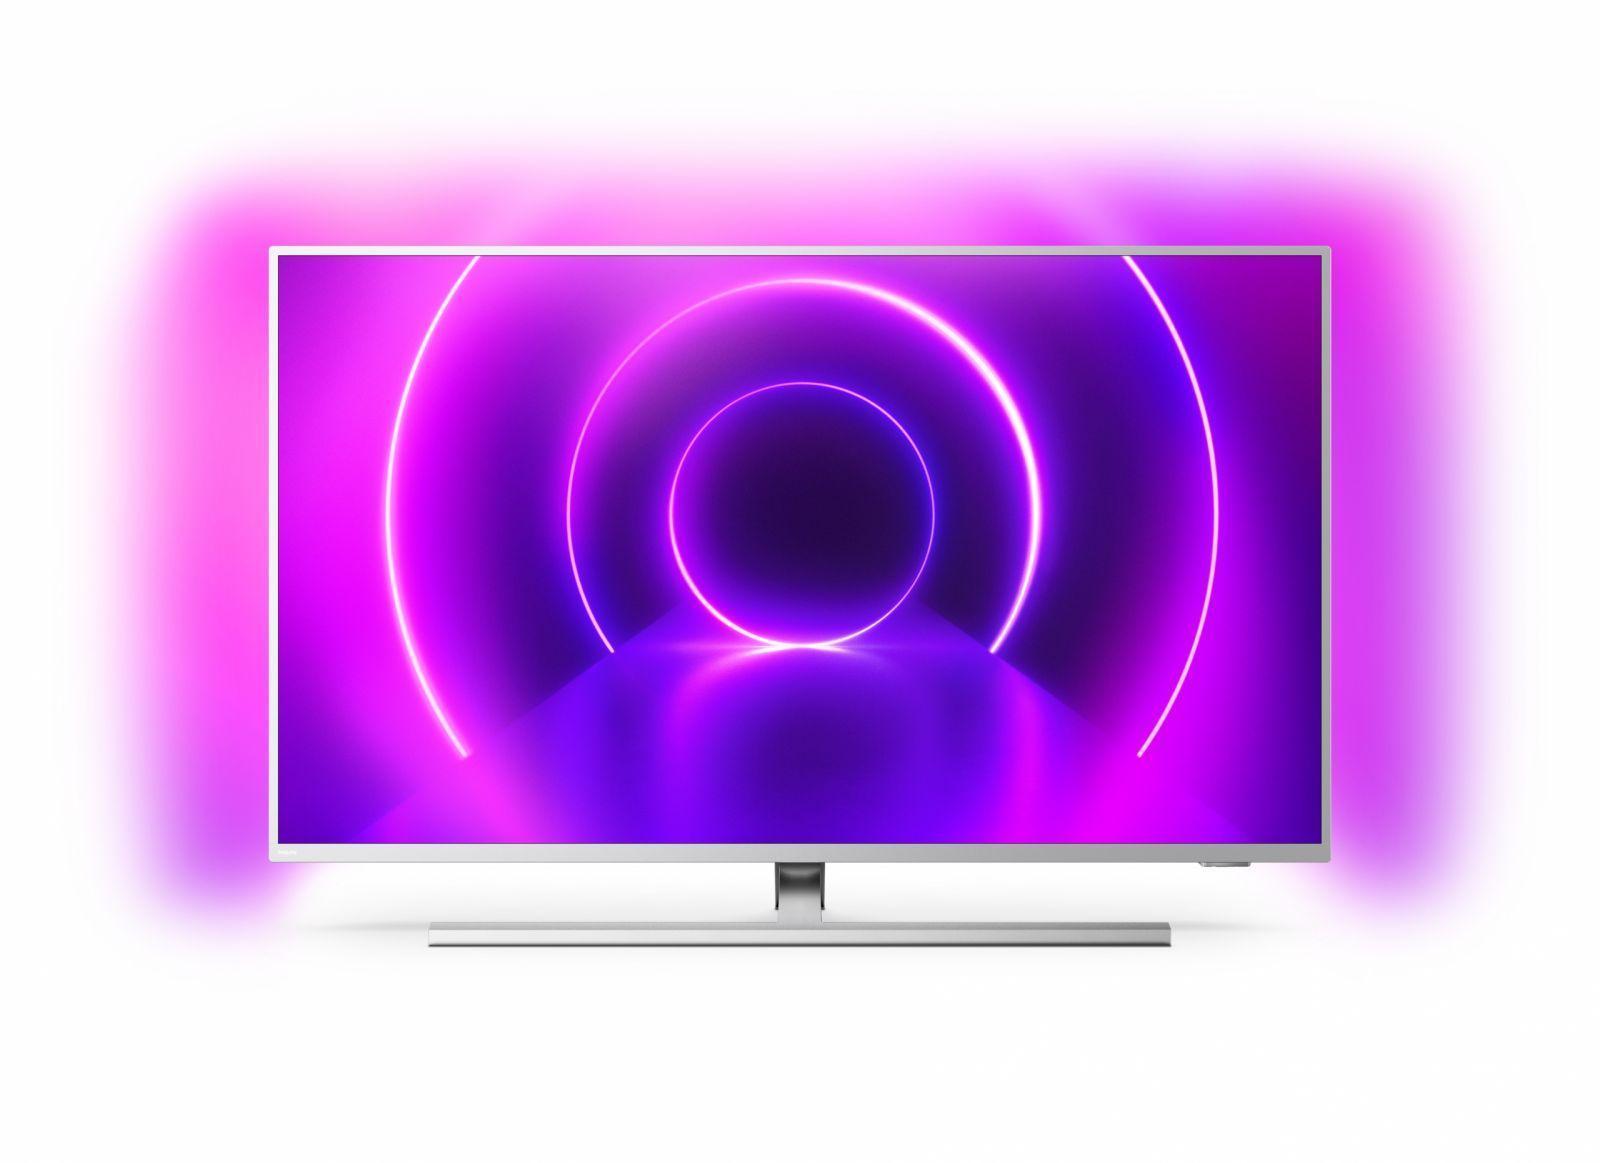 Телевизор Philips 8505 скоро появится в России (eu8505)